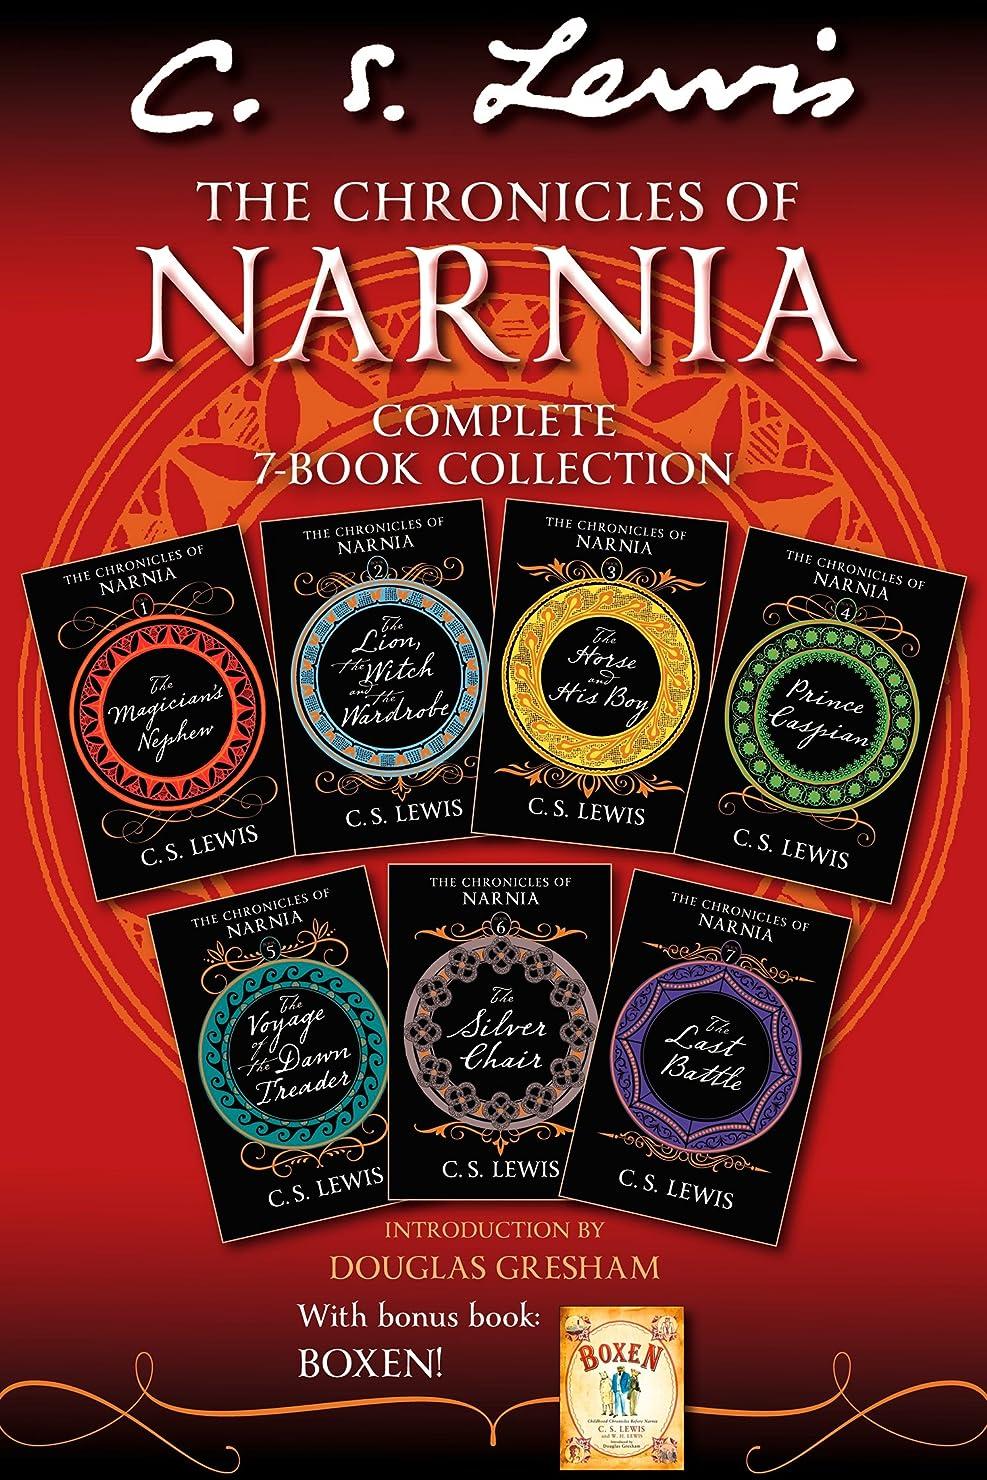 機械的ビザ統合するThe Chronicles of Narnia 7-in-1 Bundle with Bonus Book, Boxen (The Chronicles of Narnia) (English Edition)